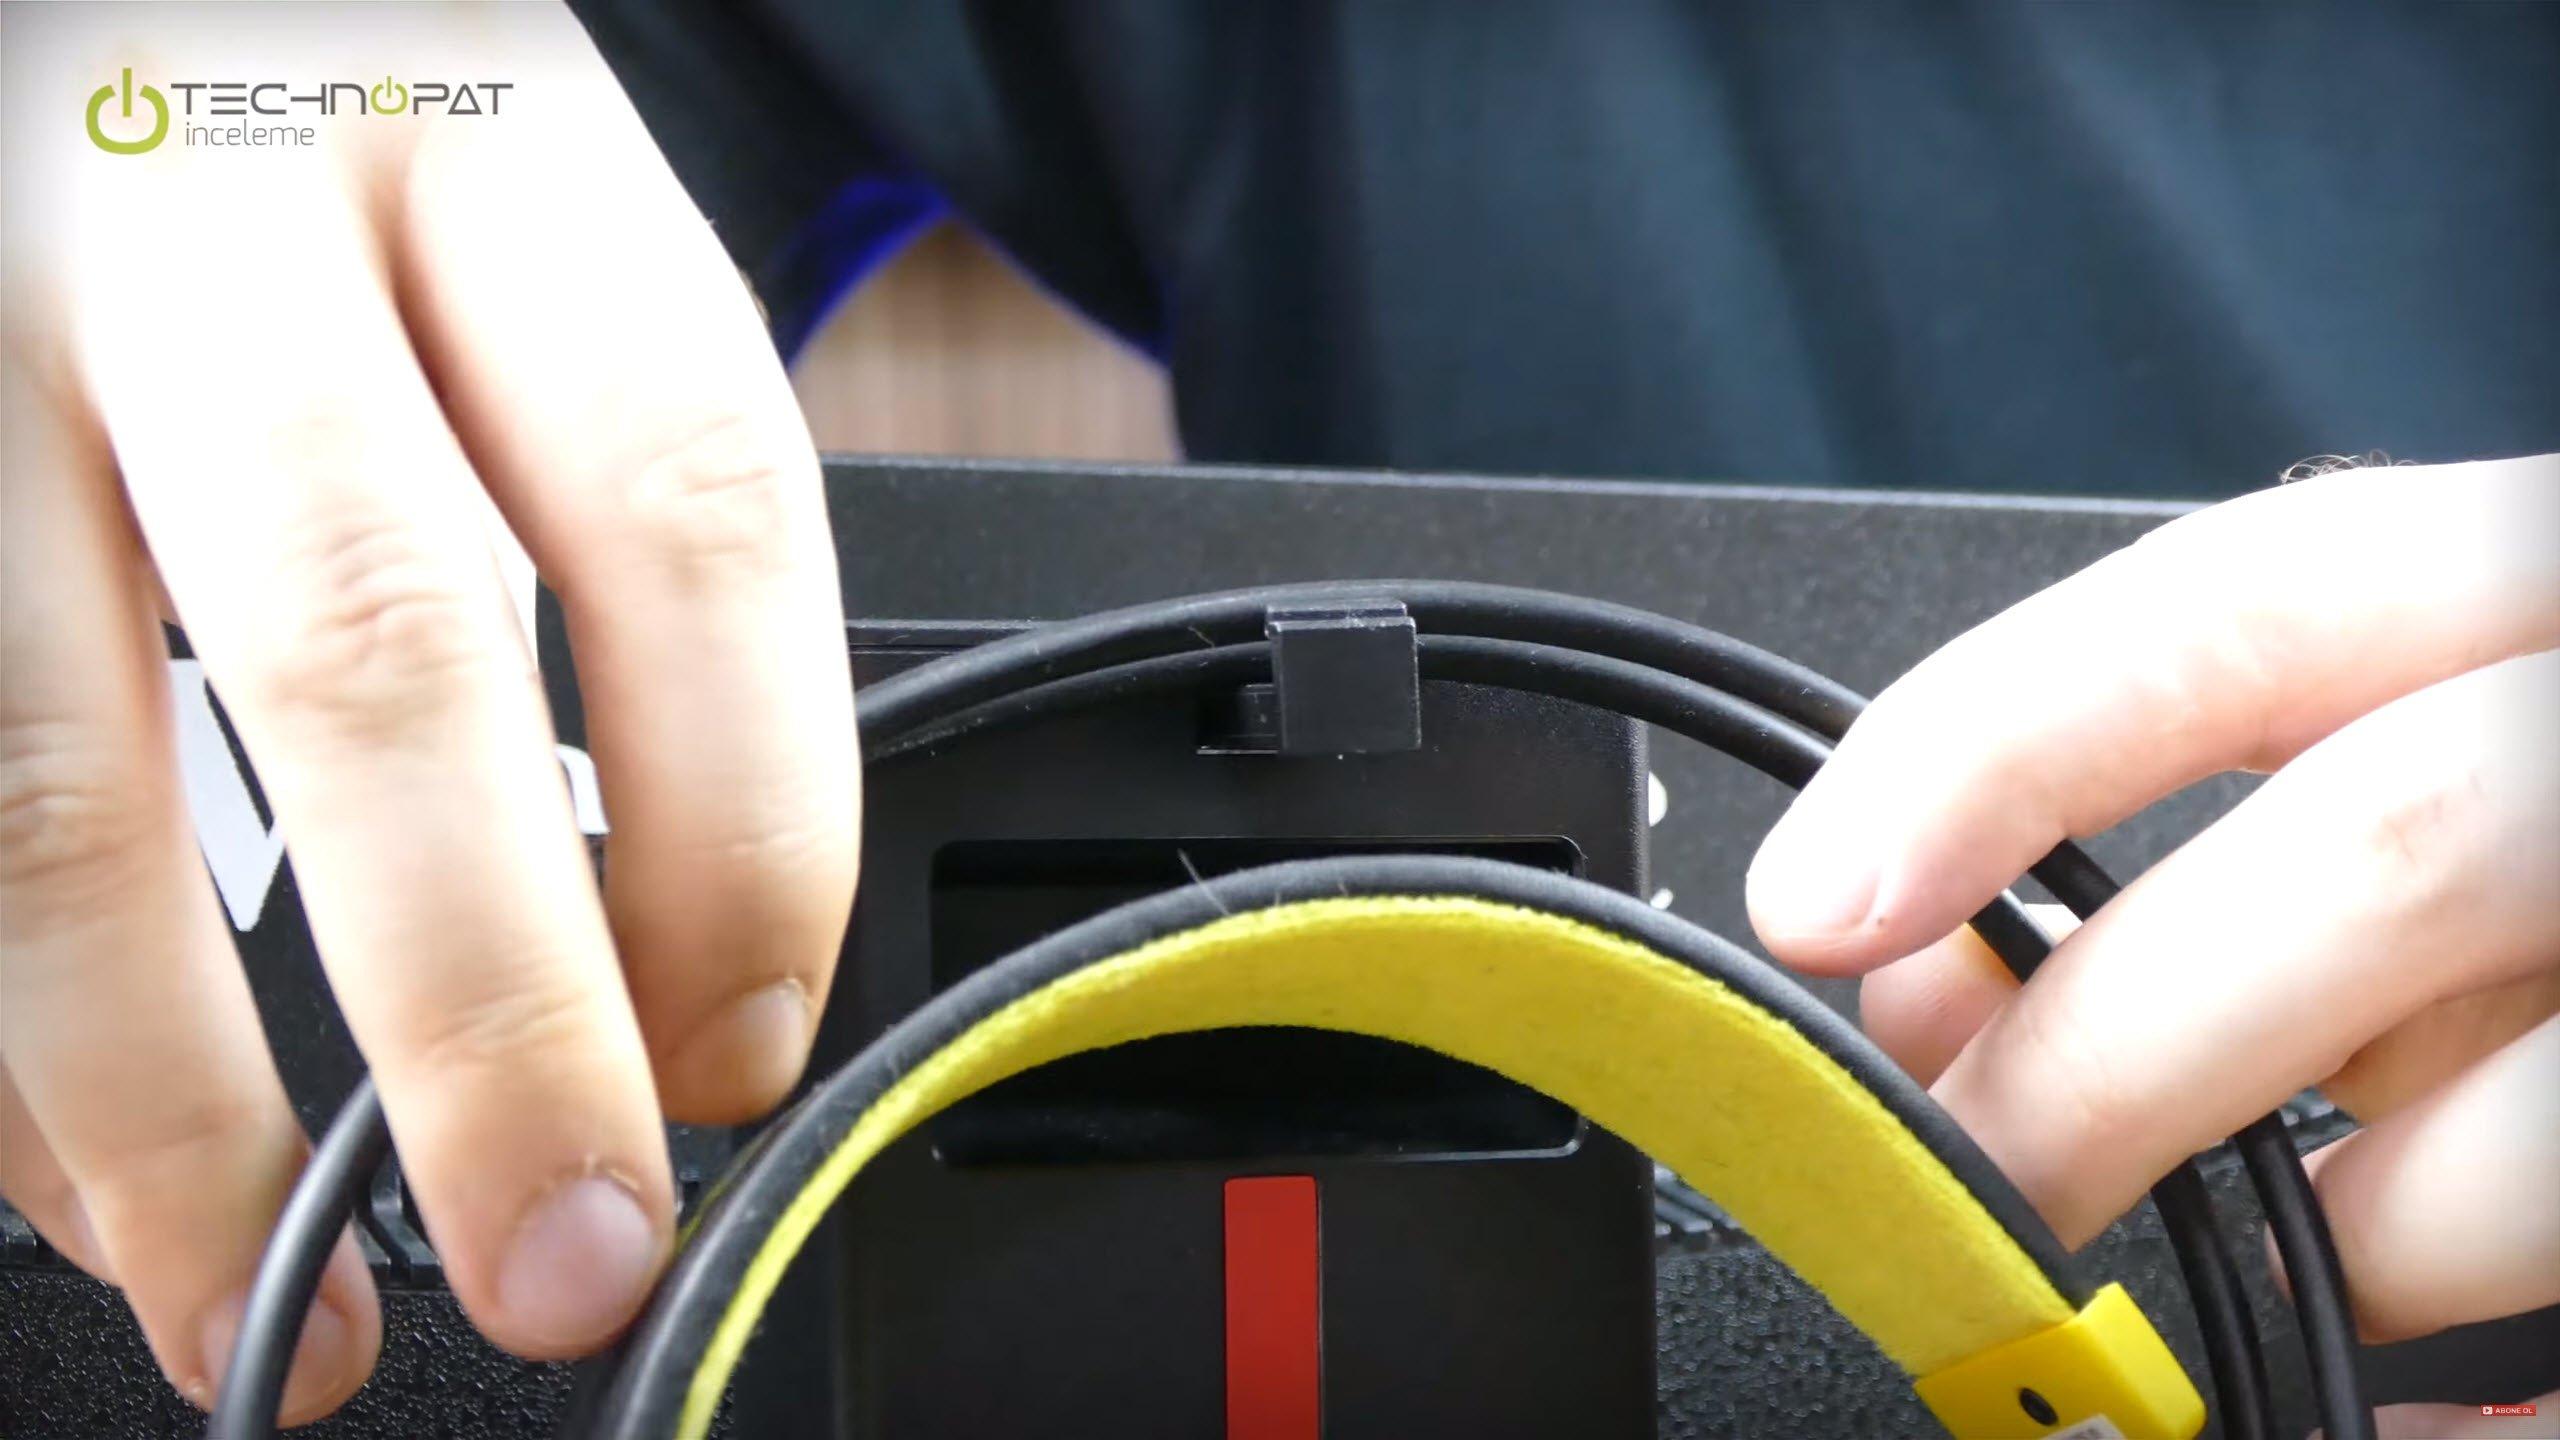 ViewSonic XG2401 Oyuncu Monitörü İncelemesi: Kulaklık askısı